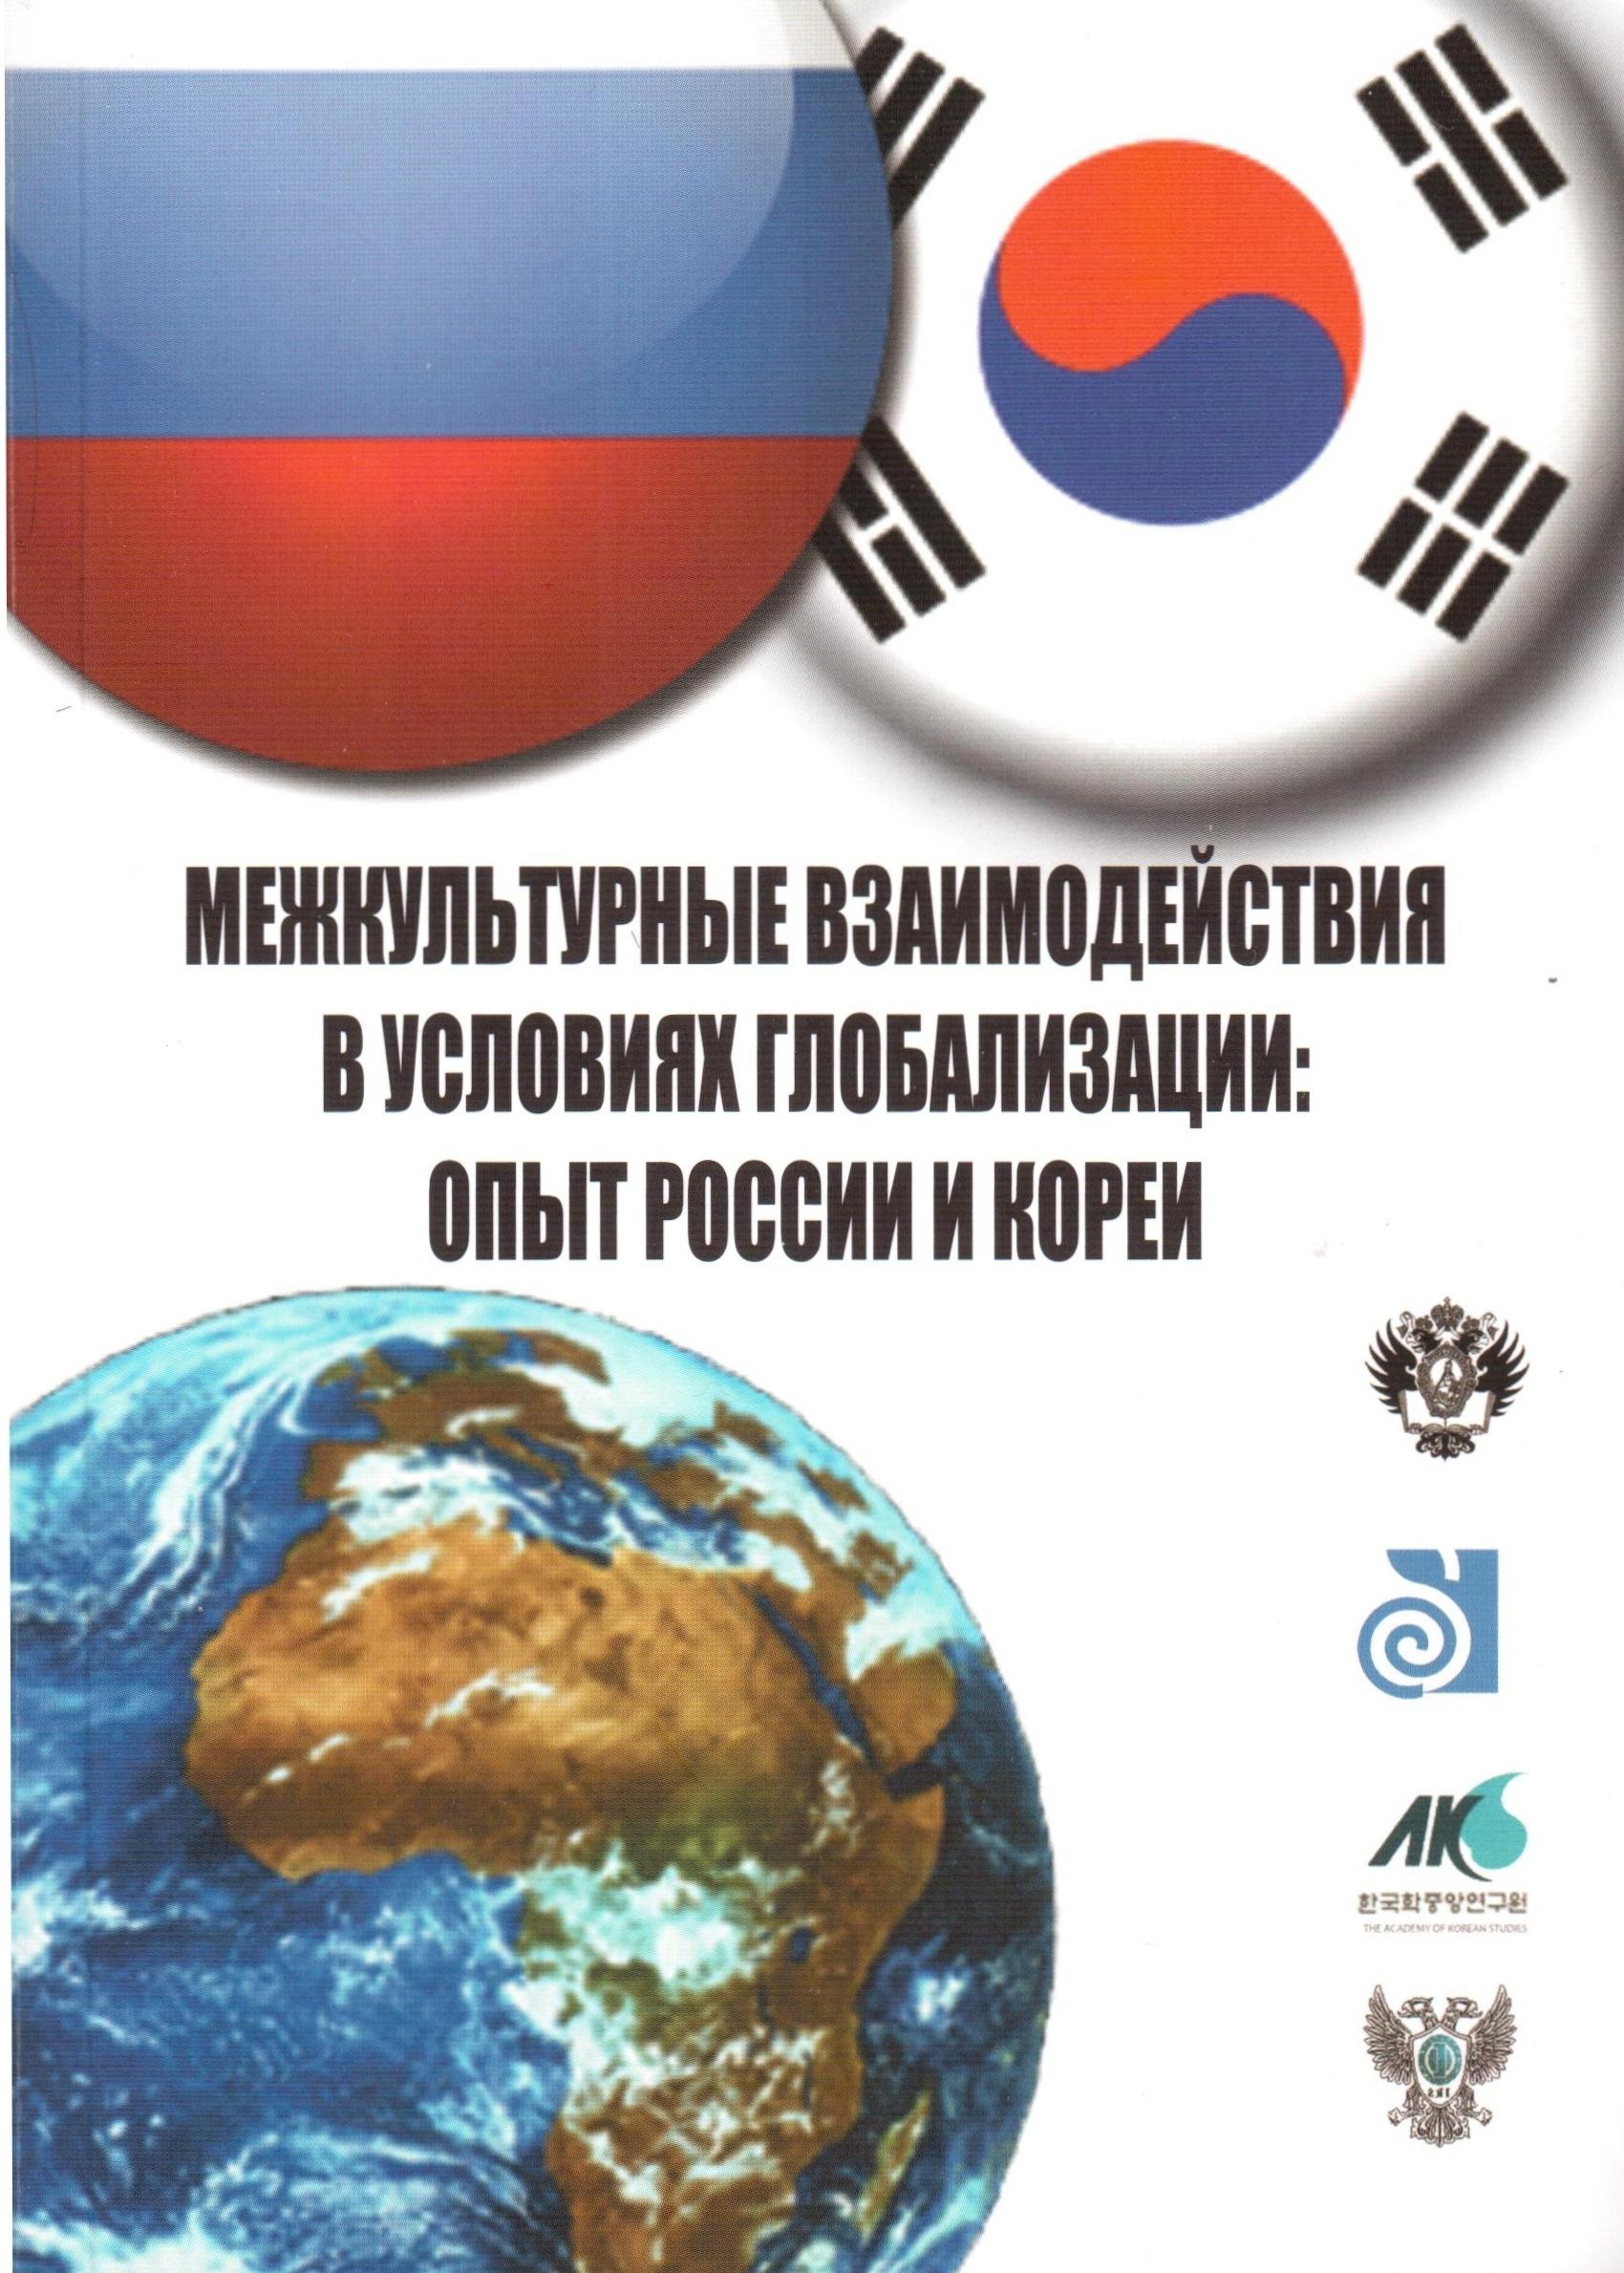 Советские (российские) корейцы – от добровольной до принудительной миграции (1920 – 1930)